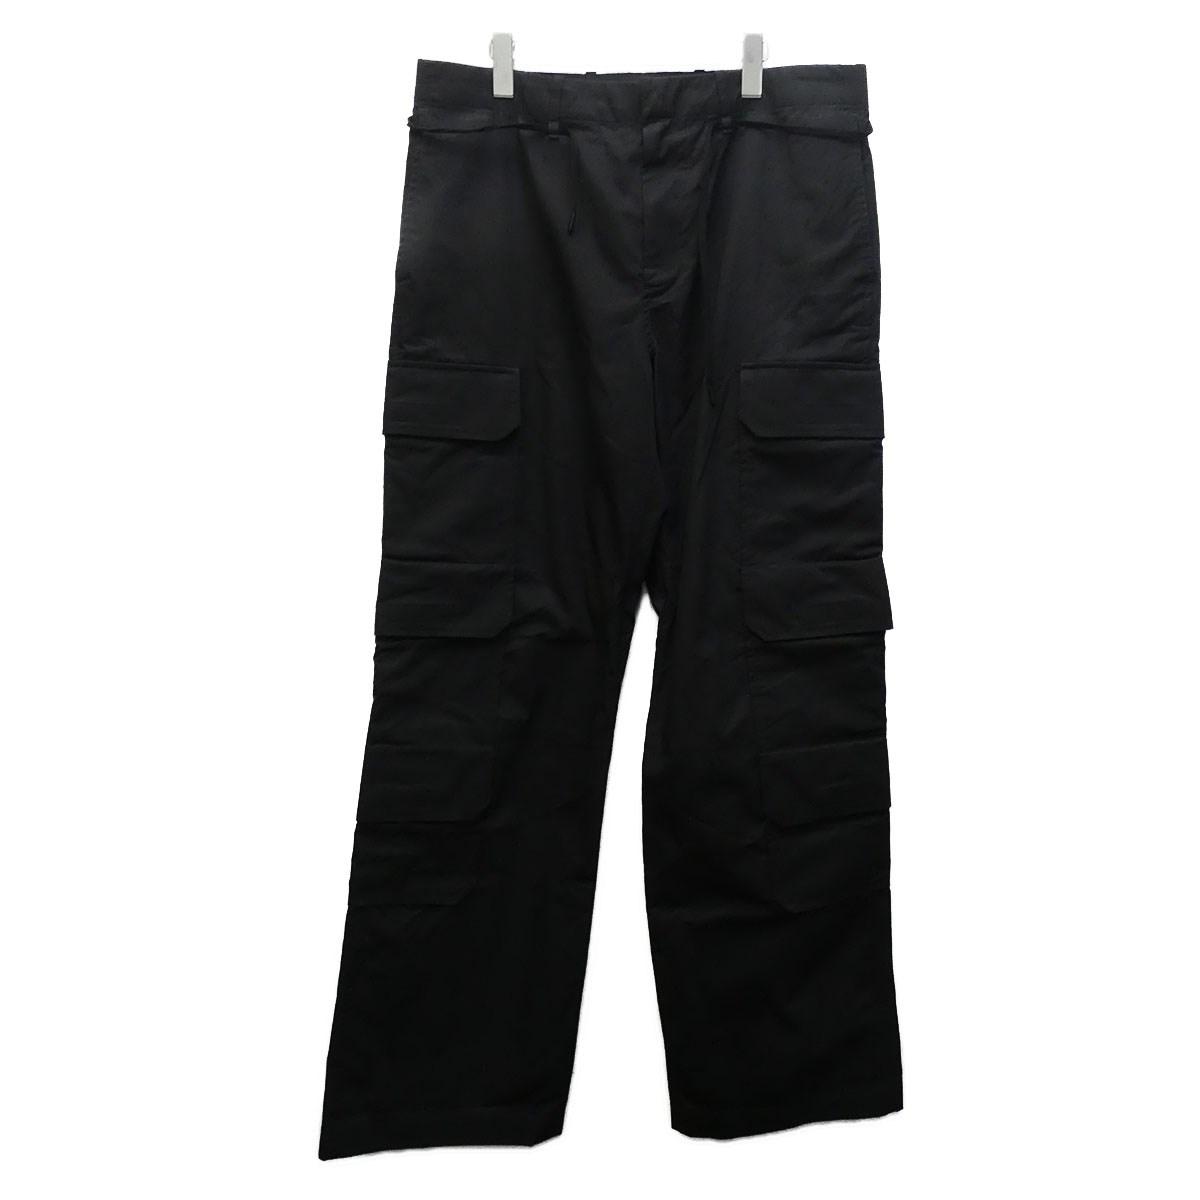 【中古】LOUIS VUITTON 20SS カーゴパンツ ブラック サイズ:42 【210720】(ルイヴィトン)